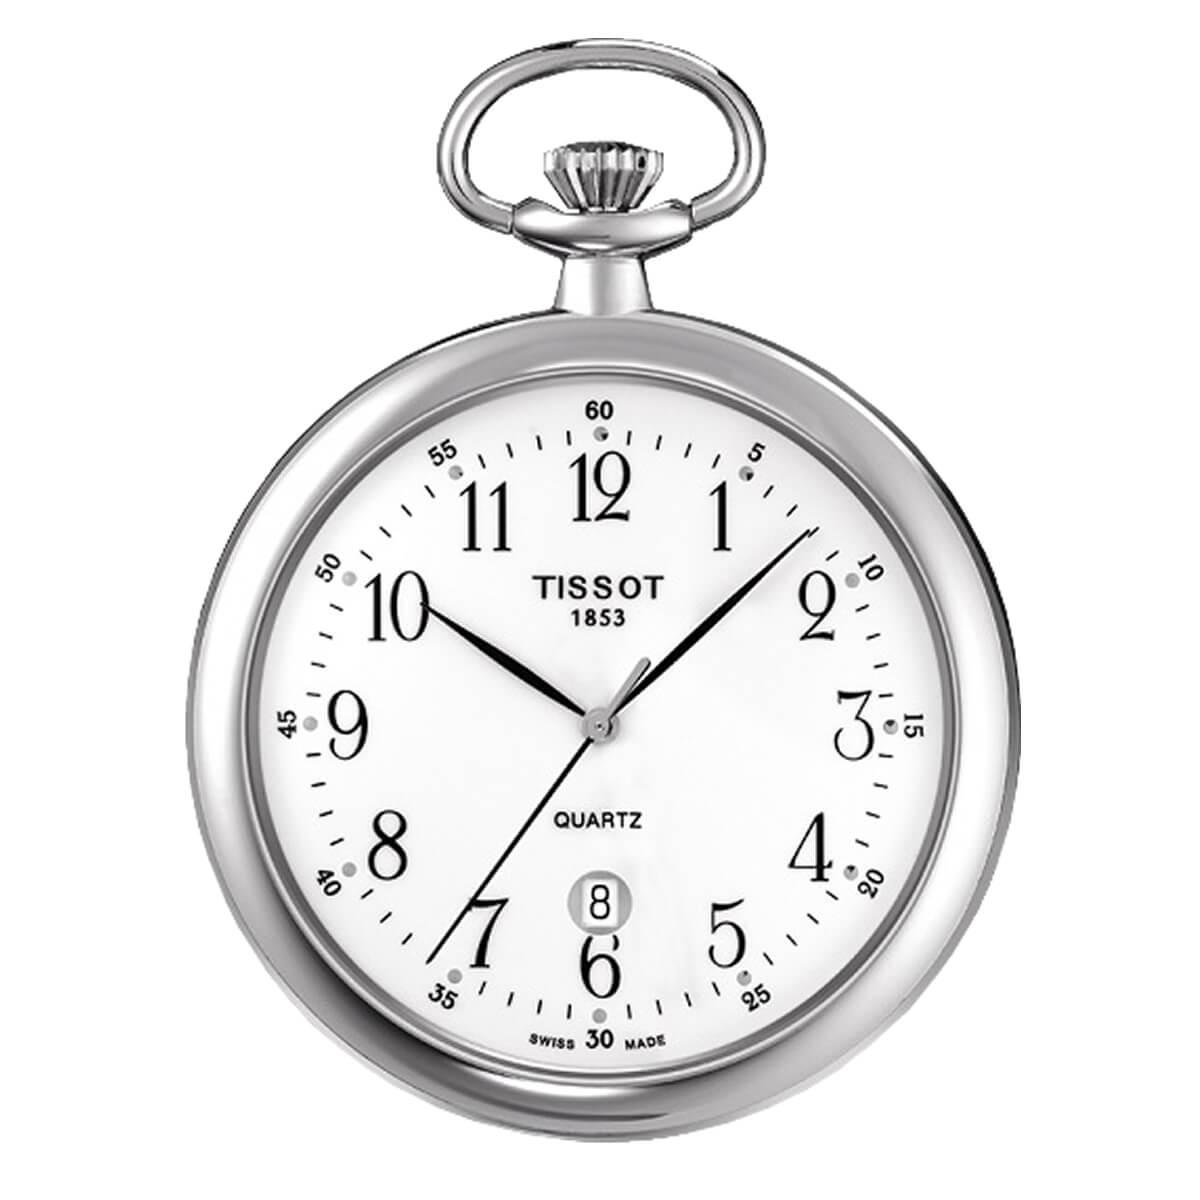 ティソ/TISSOT/オープンフェイス/クォーツ式/T82.6.550.12 懐中時計